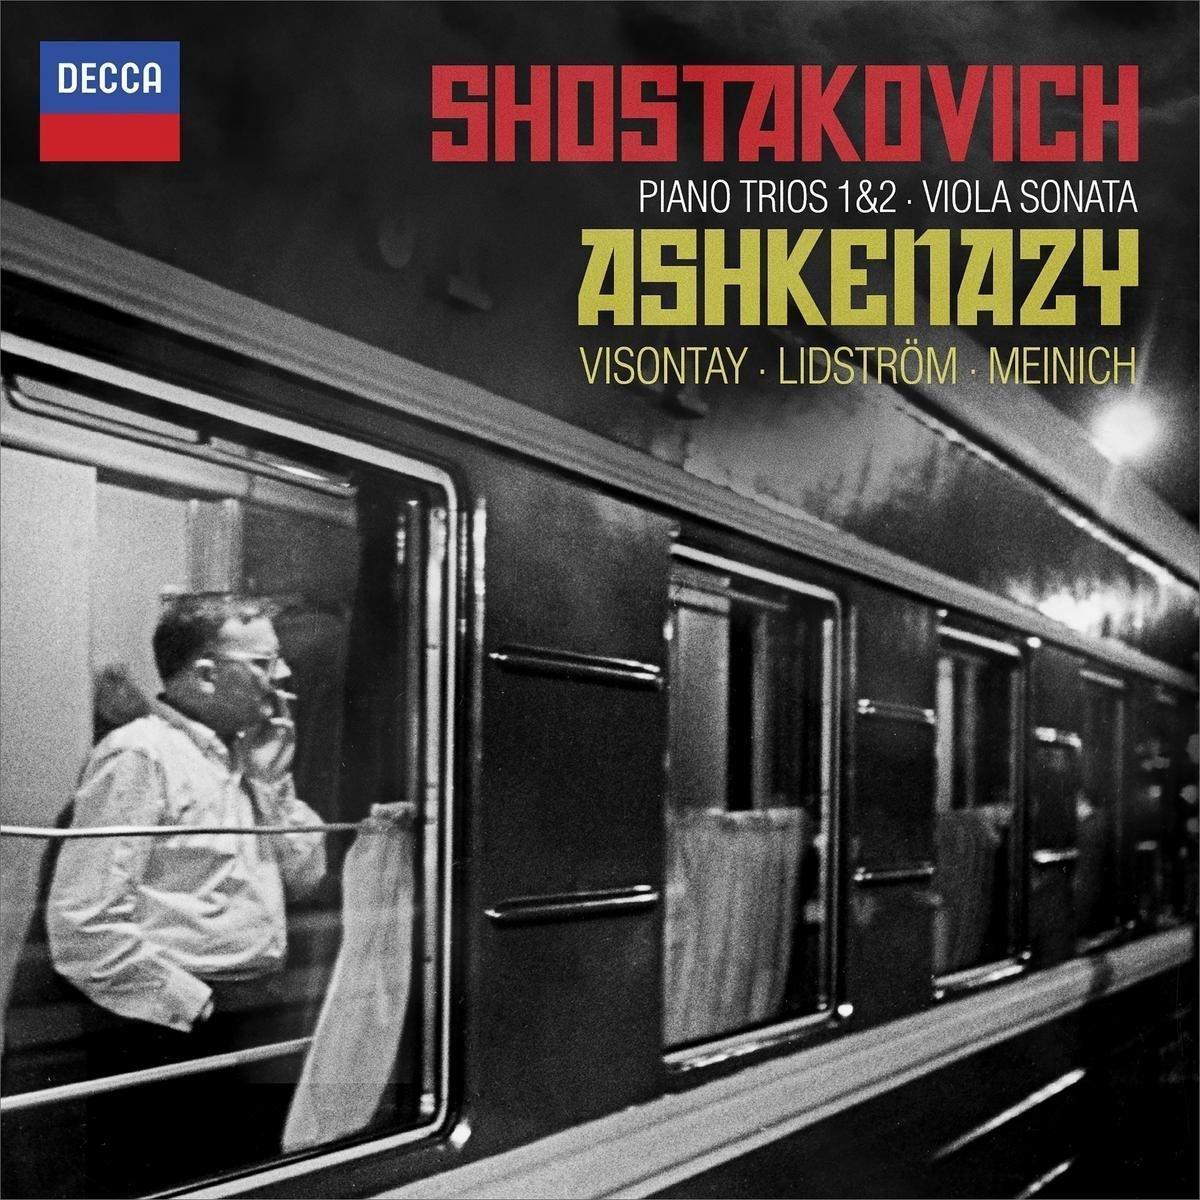 IN REVIEW: Dmitri Shostakovich - PIANO TRIOS NOS. 1 & 2, VIOLA SONATA (DECCA 478 9382)